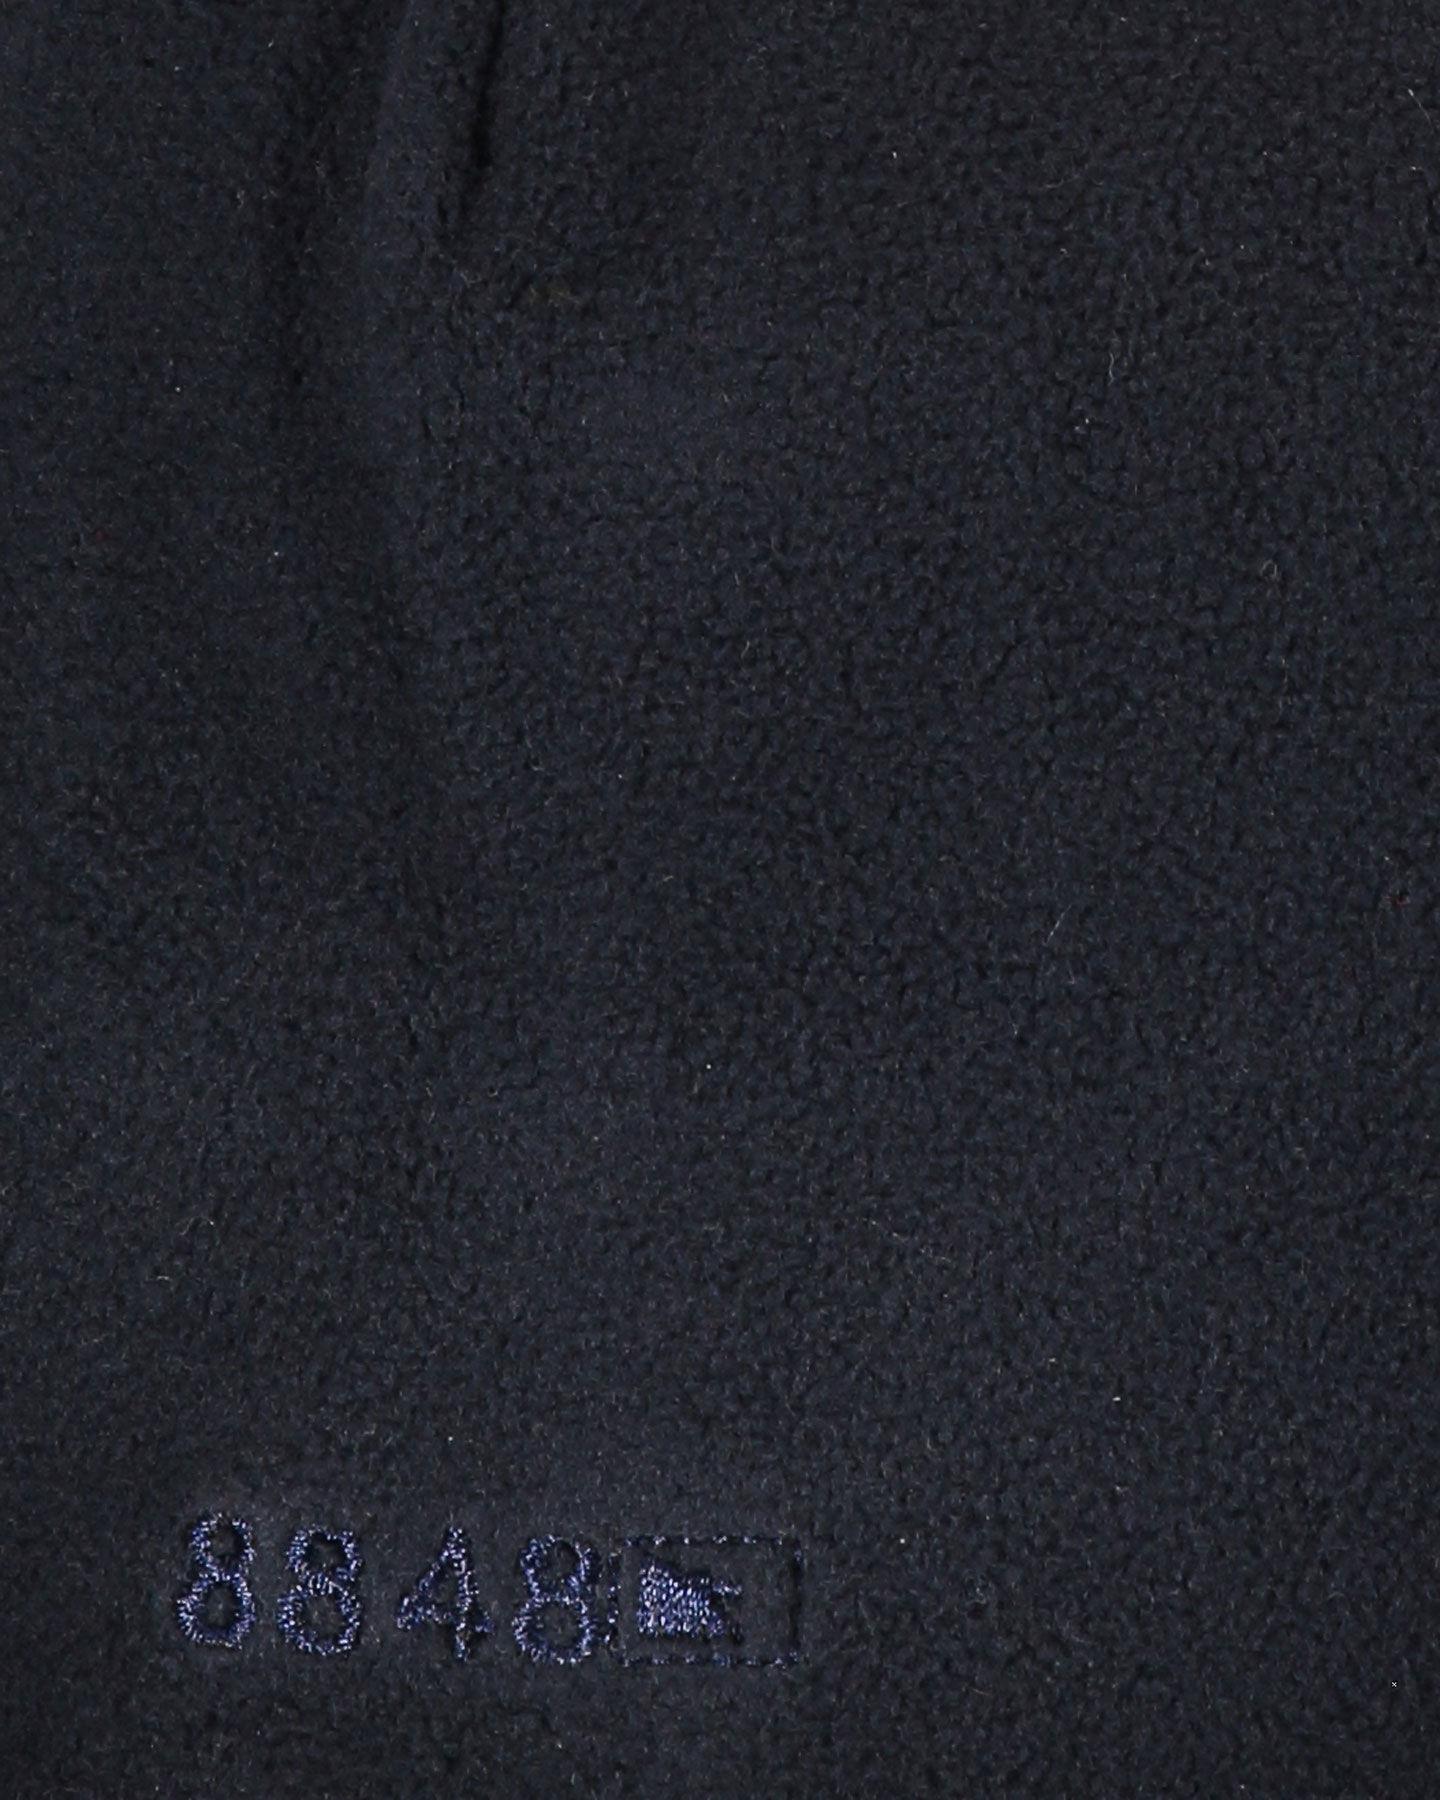 Berretto 8848 COMFOT CAP S1249153 scatto 1